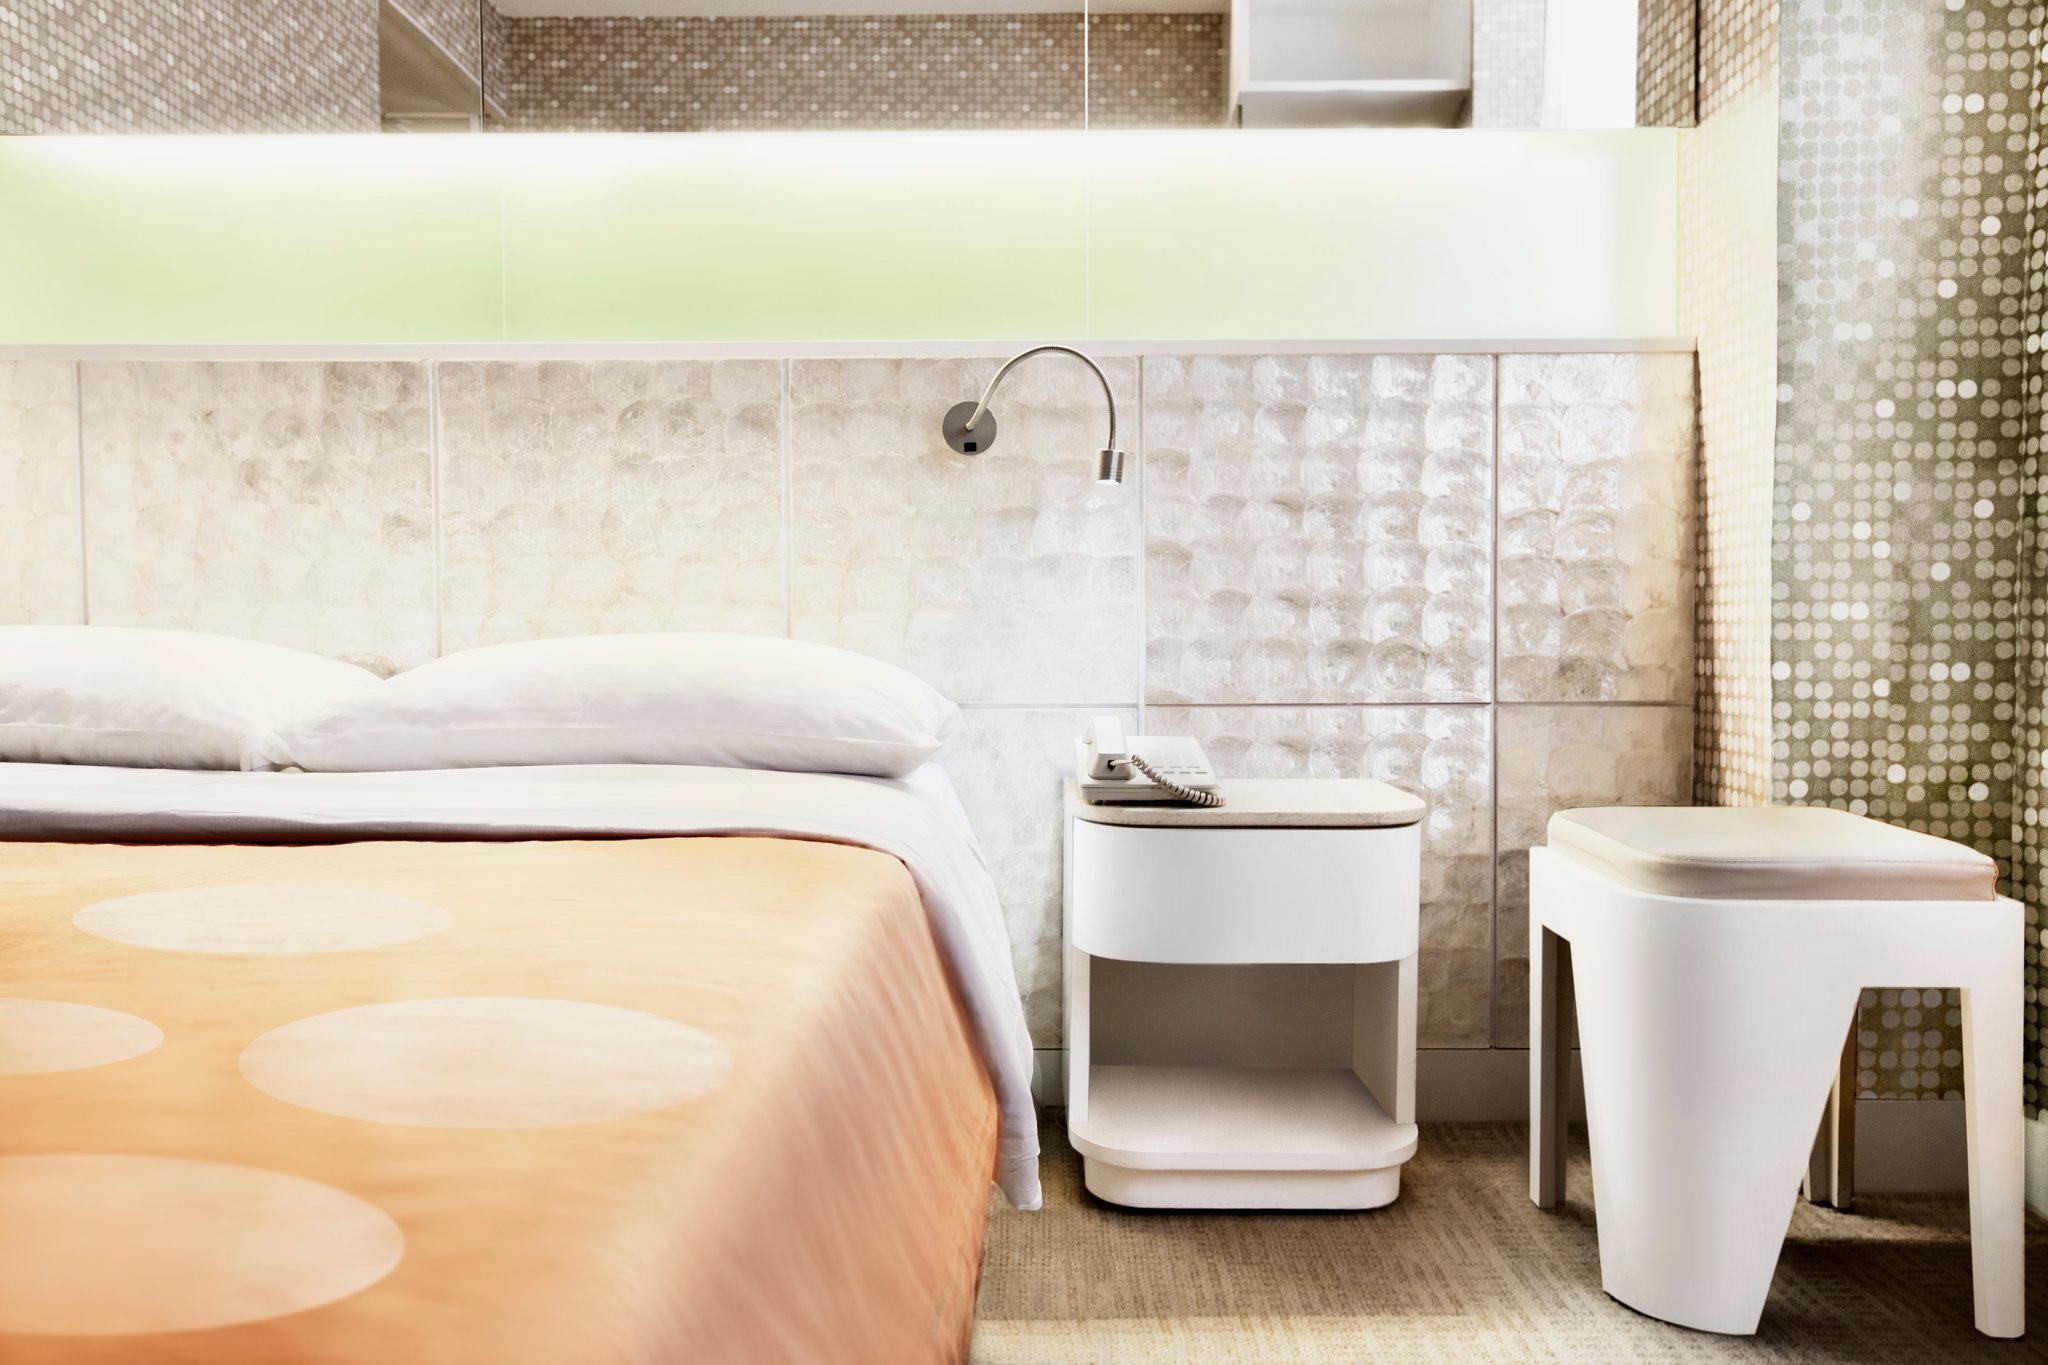 香港 香港海景絲麗酒店 (Silka Seaview Hotel)   Agoda推介住宿